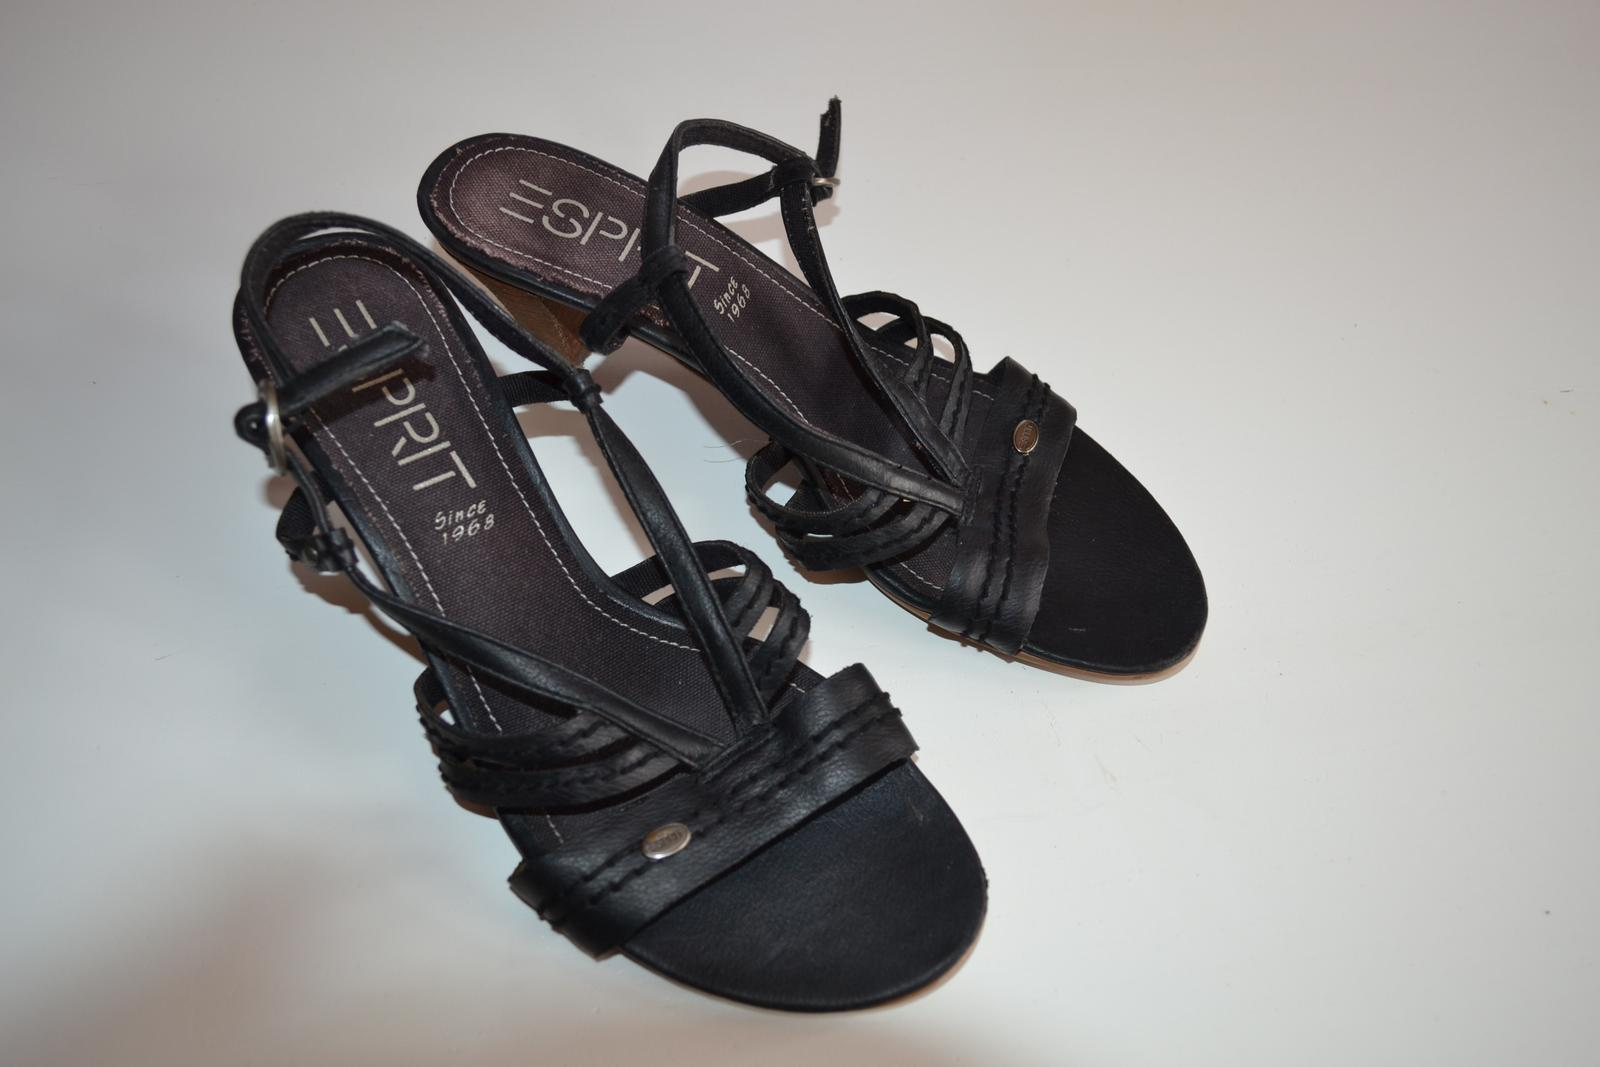 Esprit boty - Obrázek č. 1